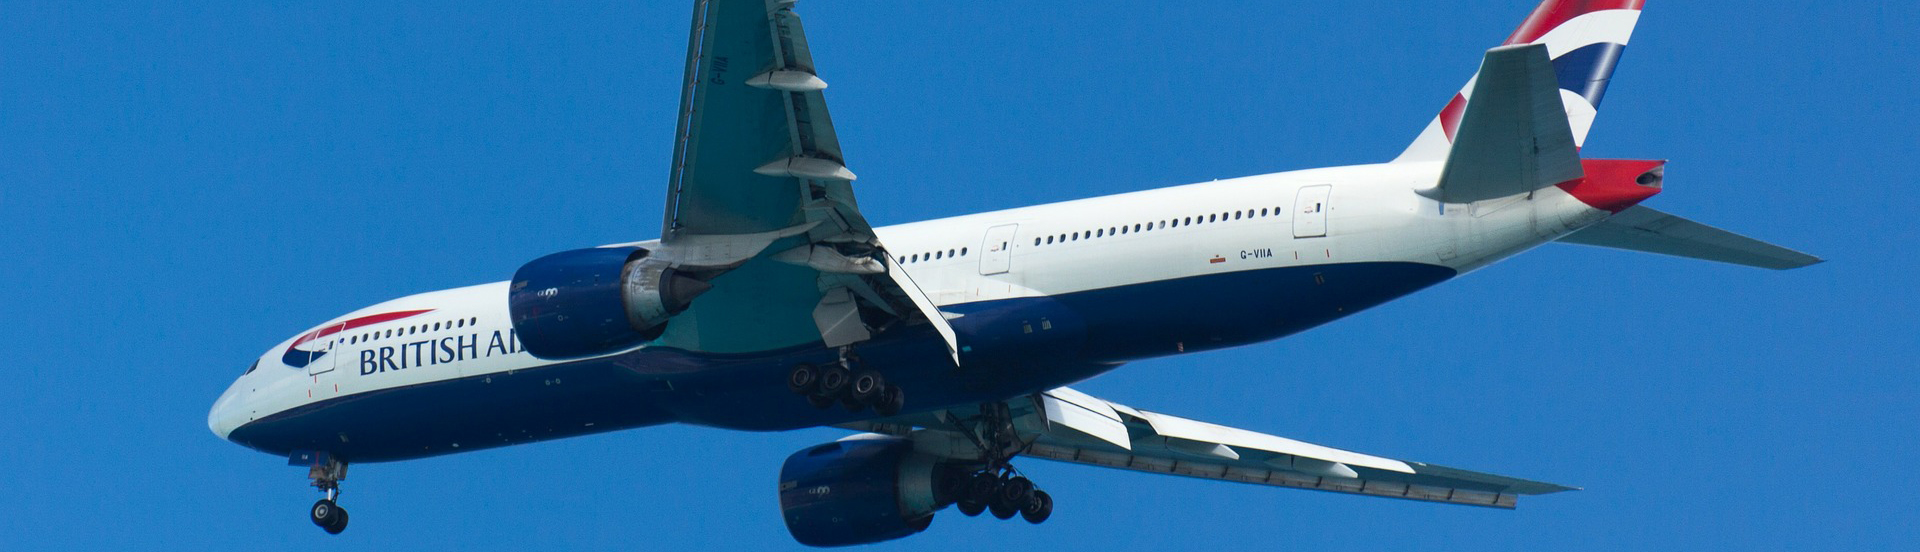 Letenkov - poznáváme krásy celého světa